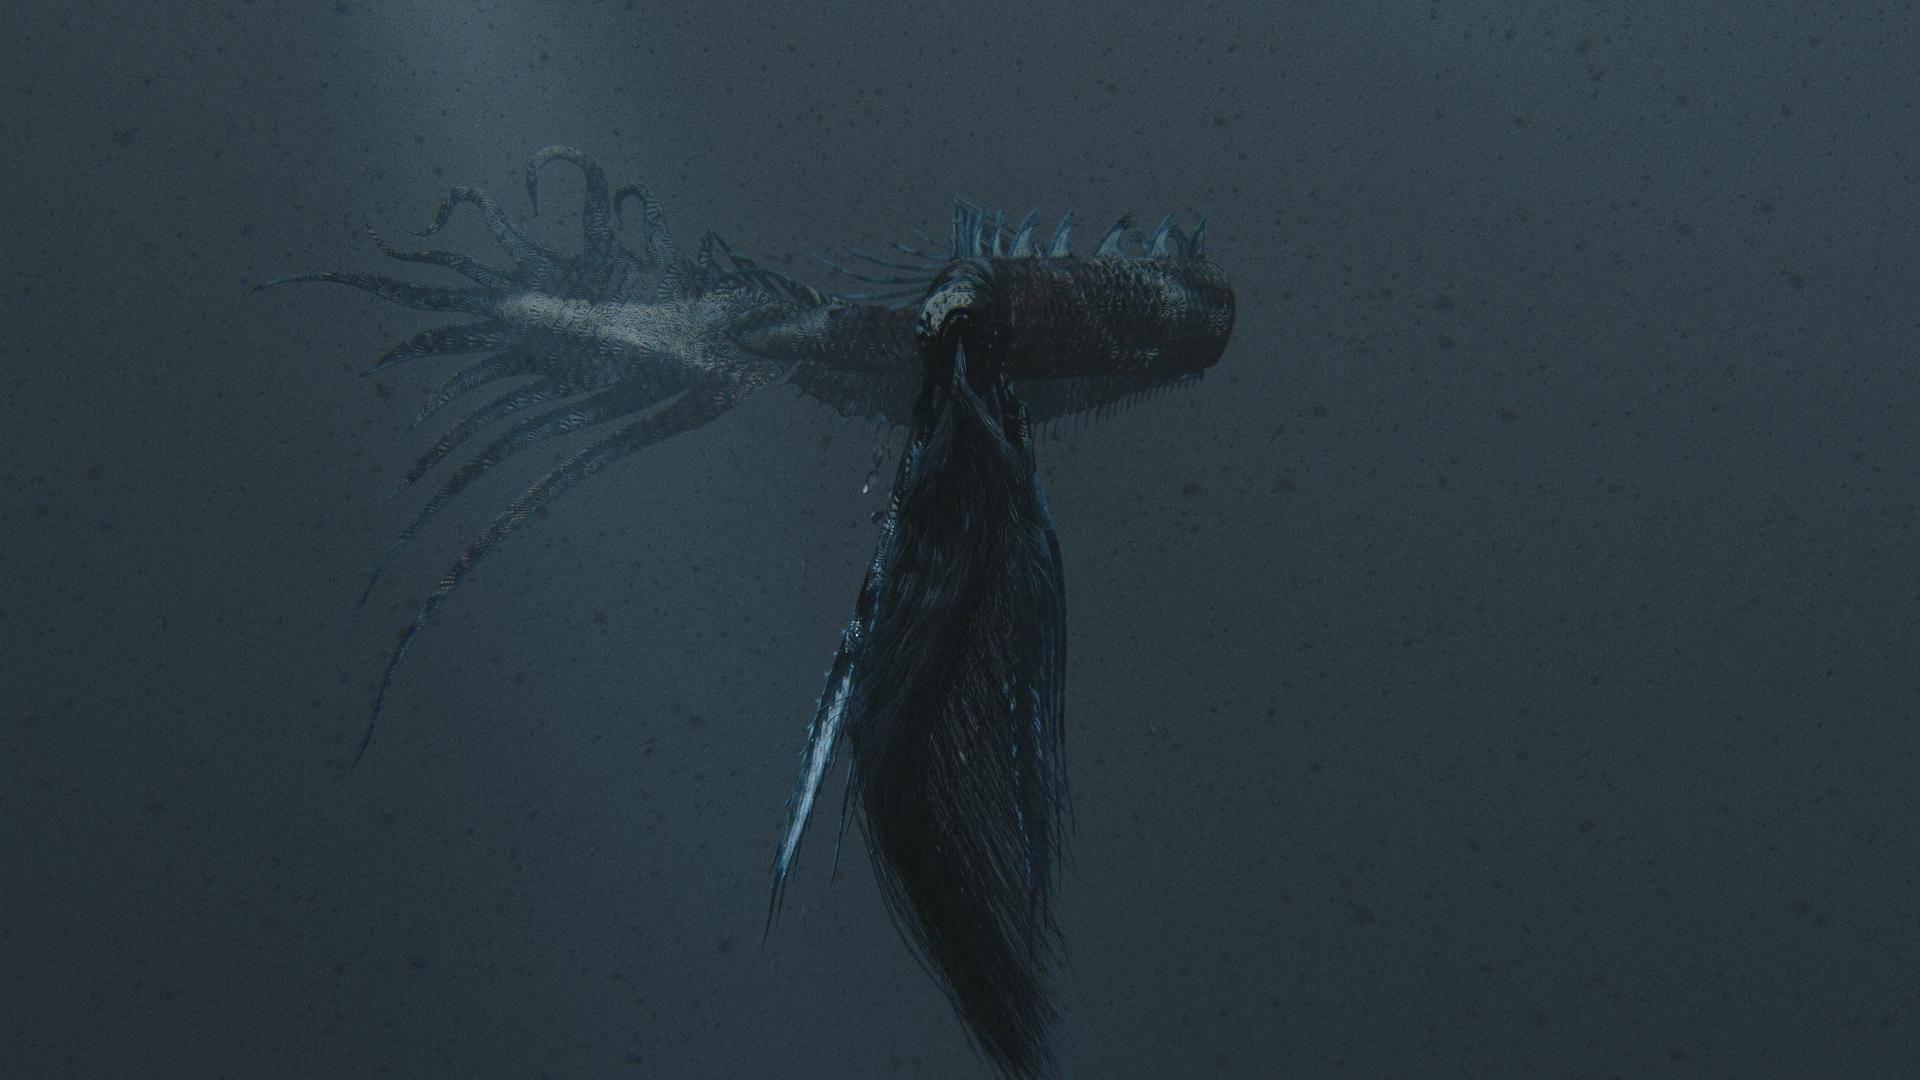 fish animation dark film still underwater